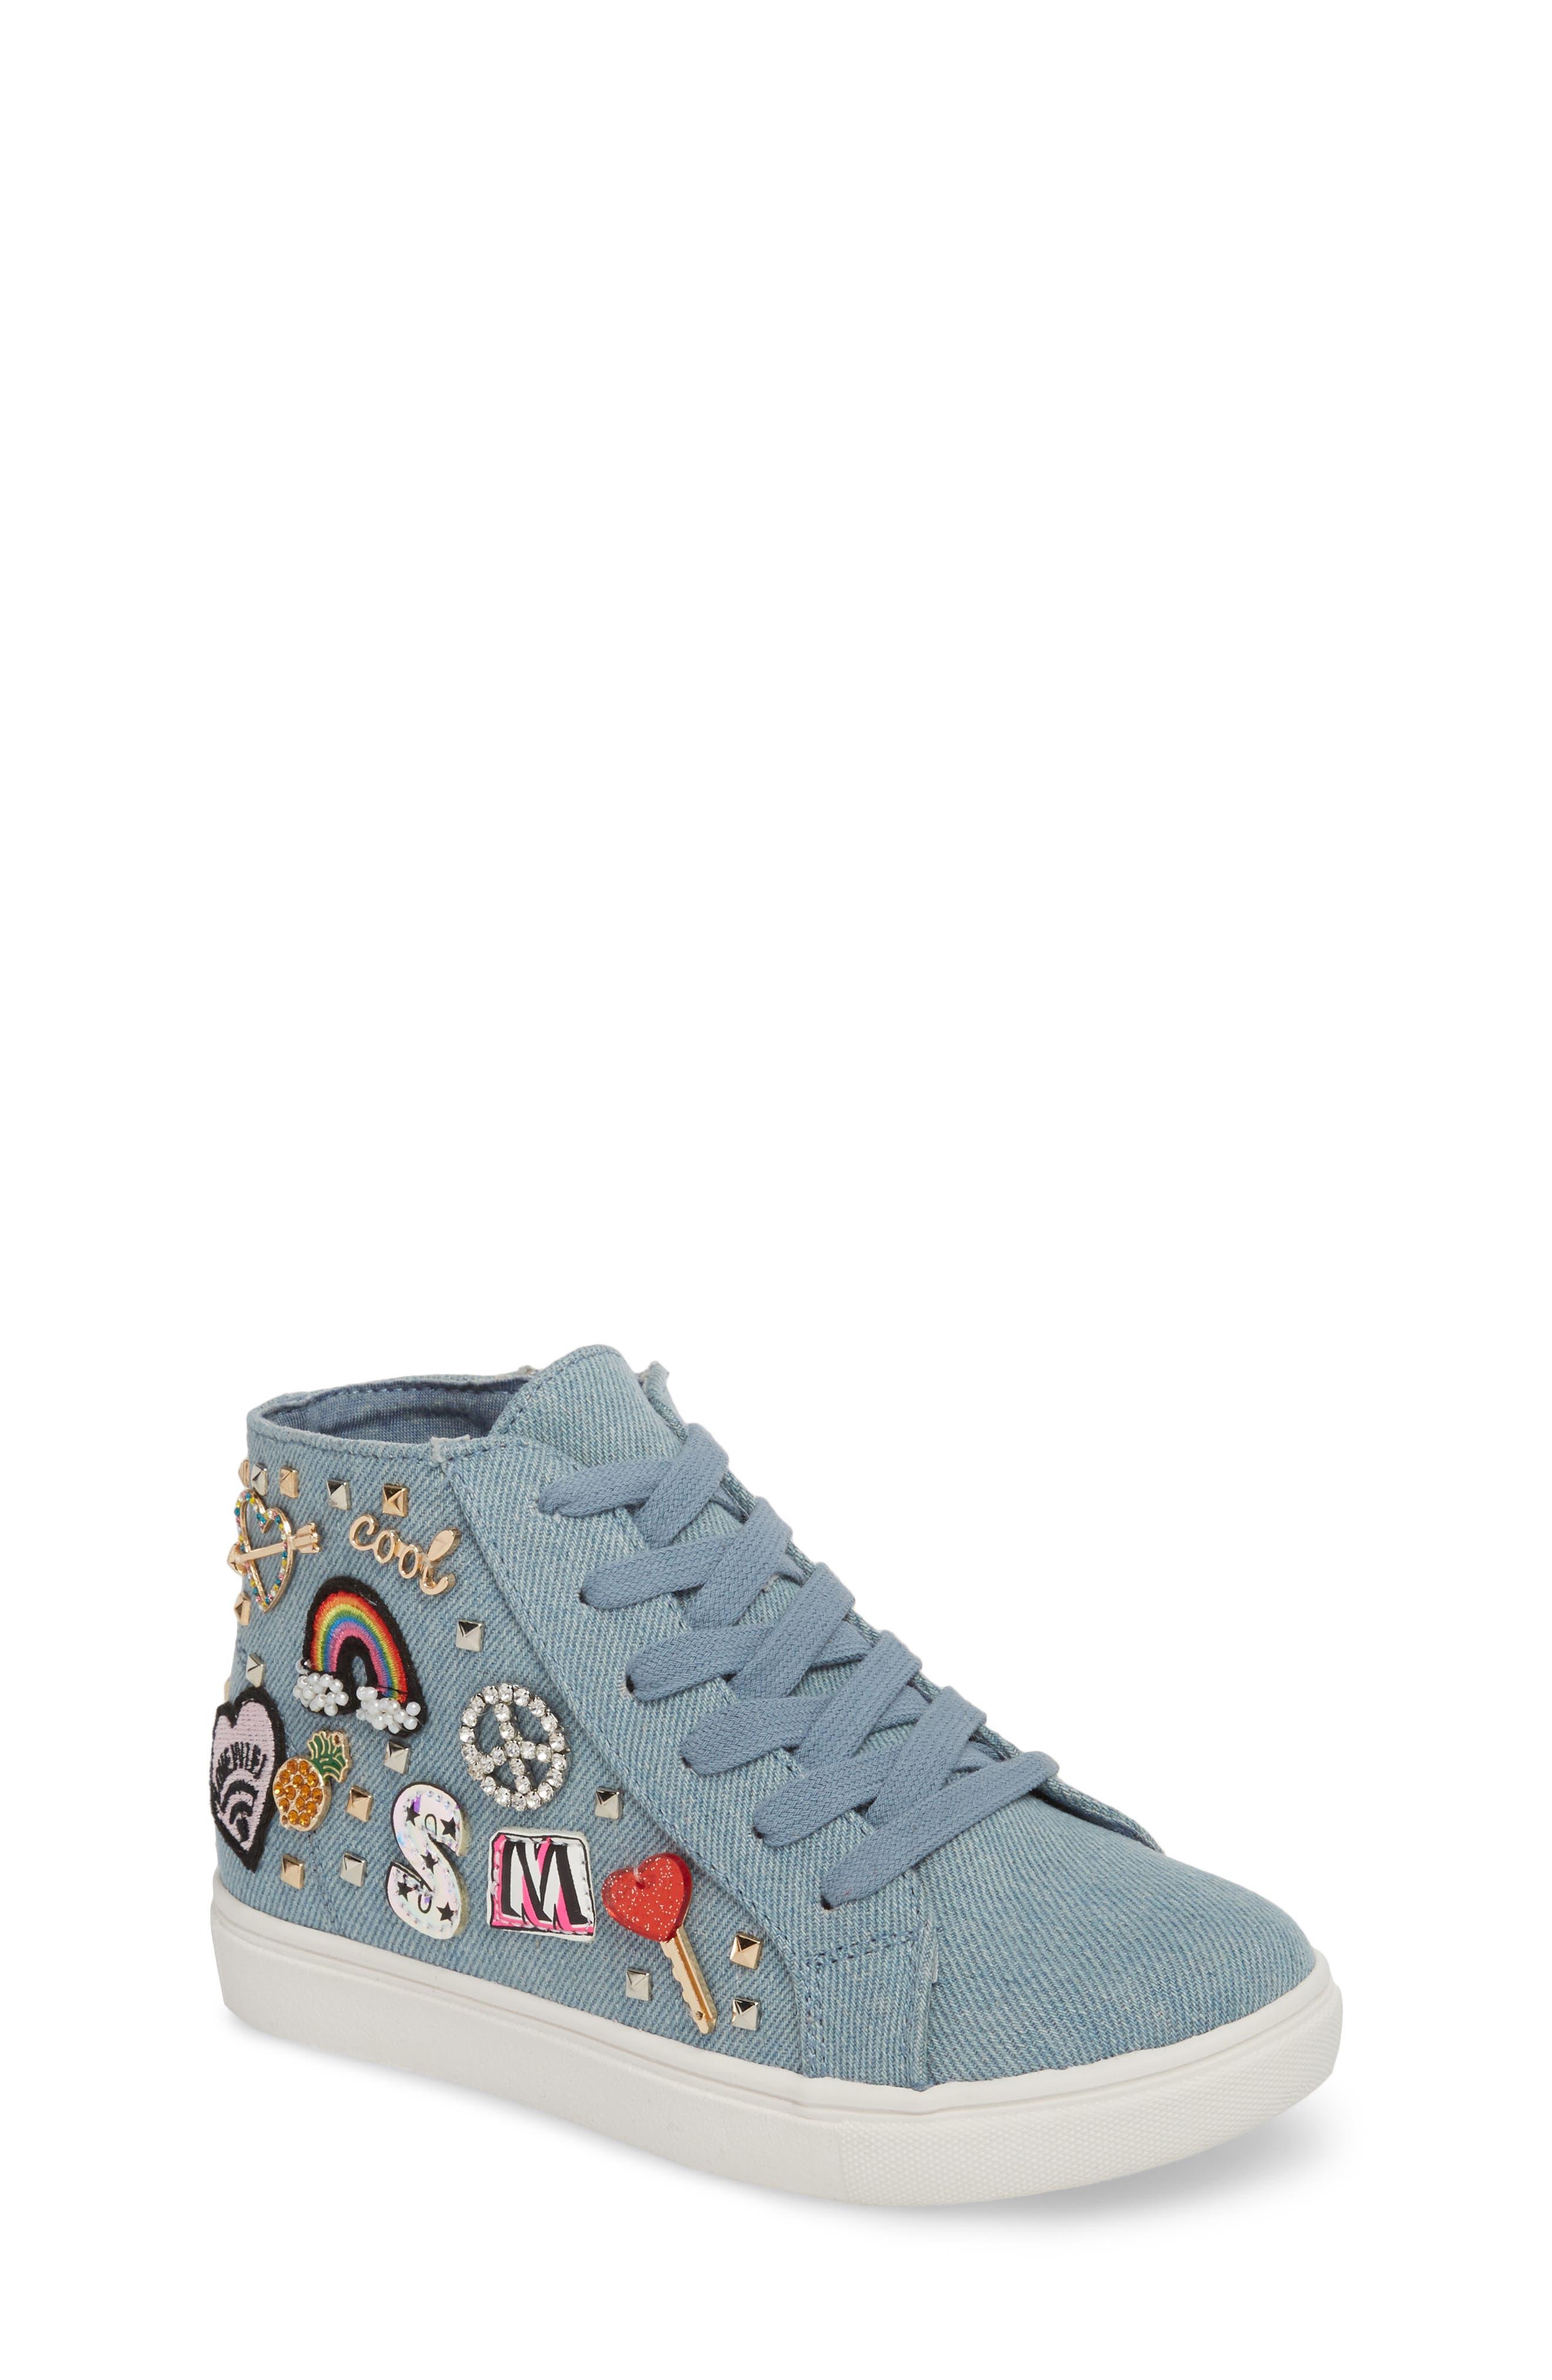 JKOOKIE High Top Sneaker,                             Main thumbnail 1, color,                             Denim